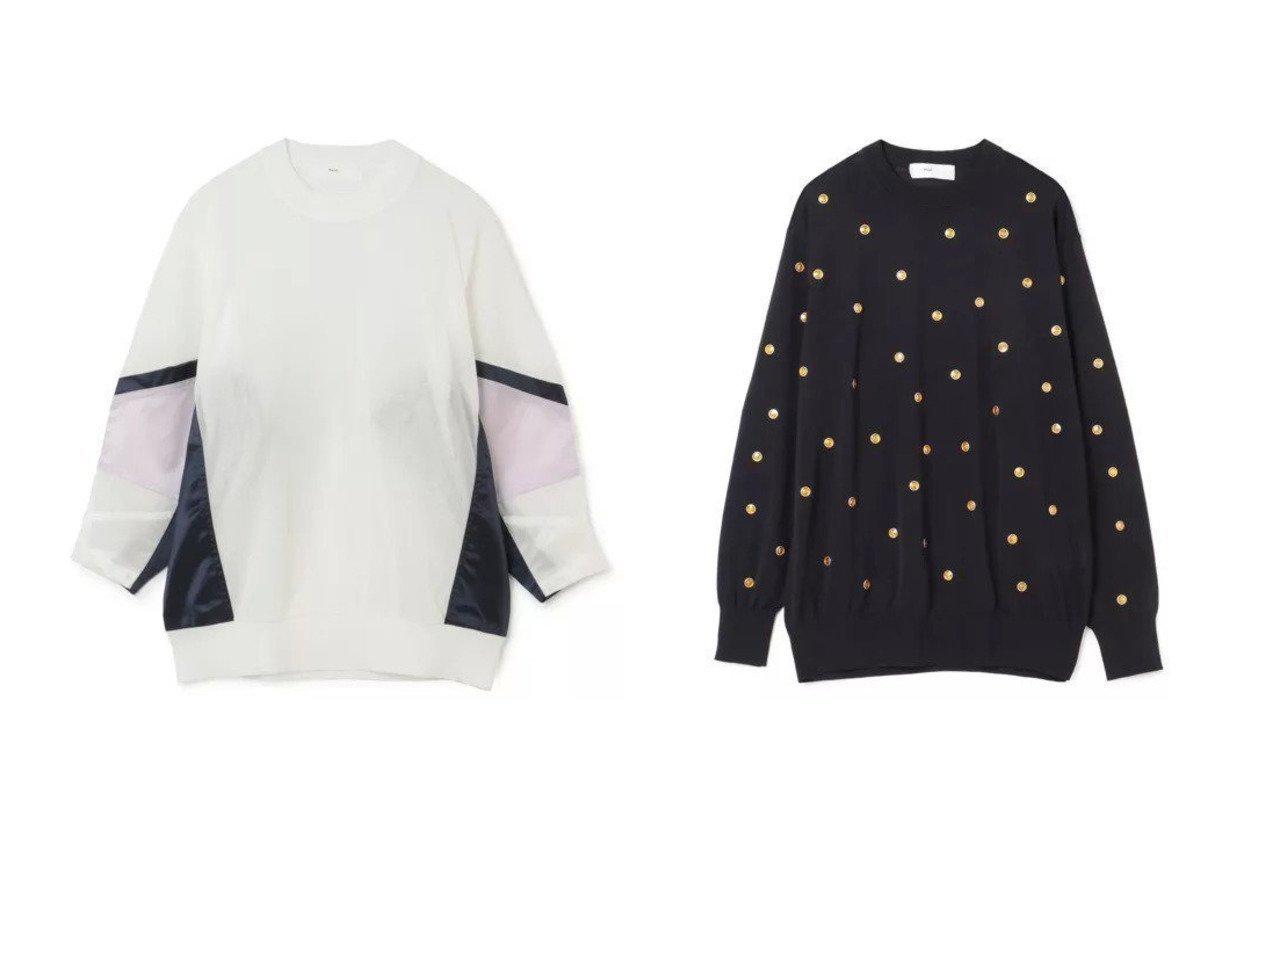 【TOGA PULLA/トーガ プルラ】のDot knit pullover&High twist jersey top TOGA PULLAのおすすめ!人気、トレンド・レディースファッションの通販 おすすめで人気の流行・トレンド、ファッションの通販商品 メンズファッション・キッズファッション・インテリア・家具・レディースファッション・服の通販 founy(ファニー) https://founy.com/ ファッション Fashion レディースファッション WOMEN トップス カットソー Tops Tshirt シャツ/ブラウス Shirts Blouses ロング / Tシャツ T-Shirts カットソー Cut and Sewn ニット Knit Tops プルオーバー Pullover 2021年 2021 2021 春夏 S/S SS Spring/Summer 2021 S/S 春夏 SS Spring/Summer カットソー サテン スタイリッシュ スポーツ モダン 洗える 長袖 |ID:crp329100000020359